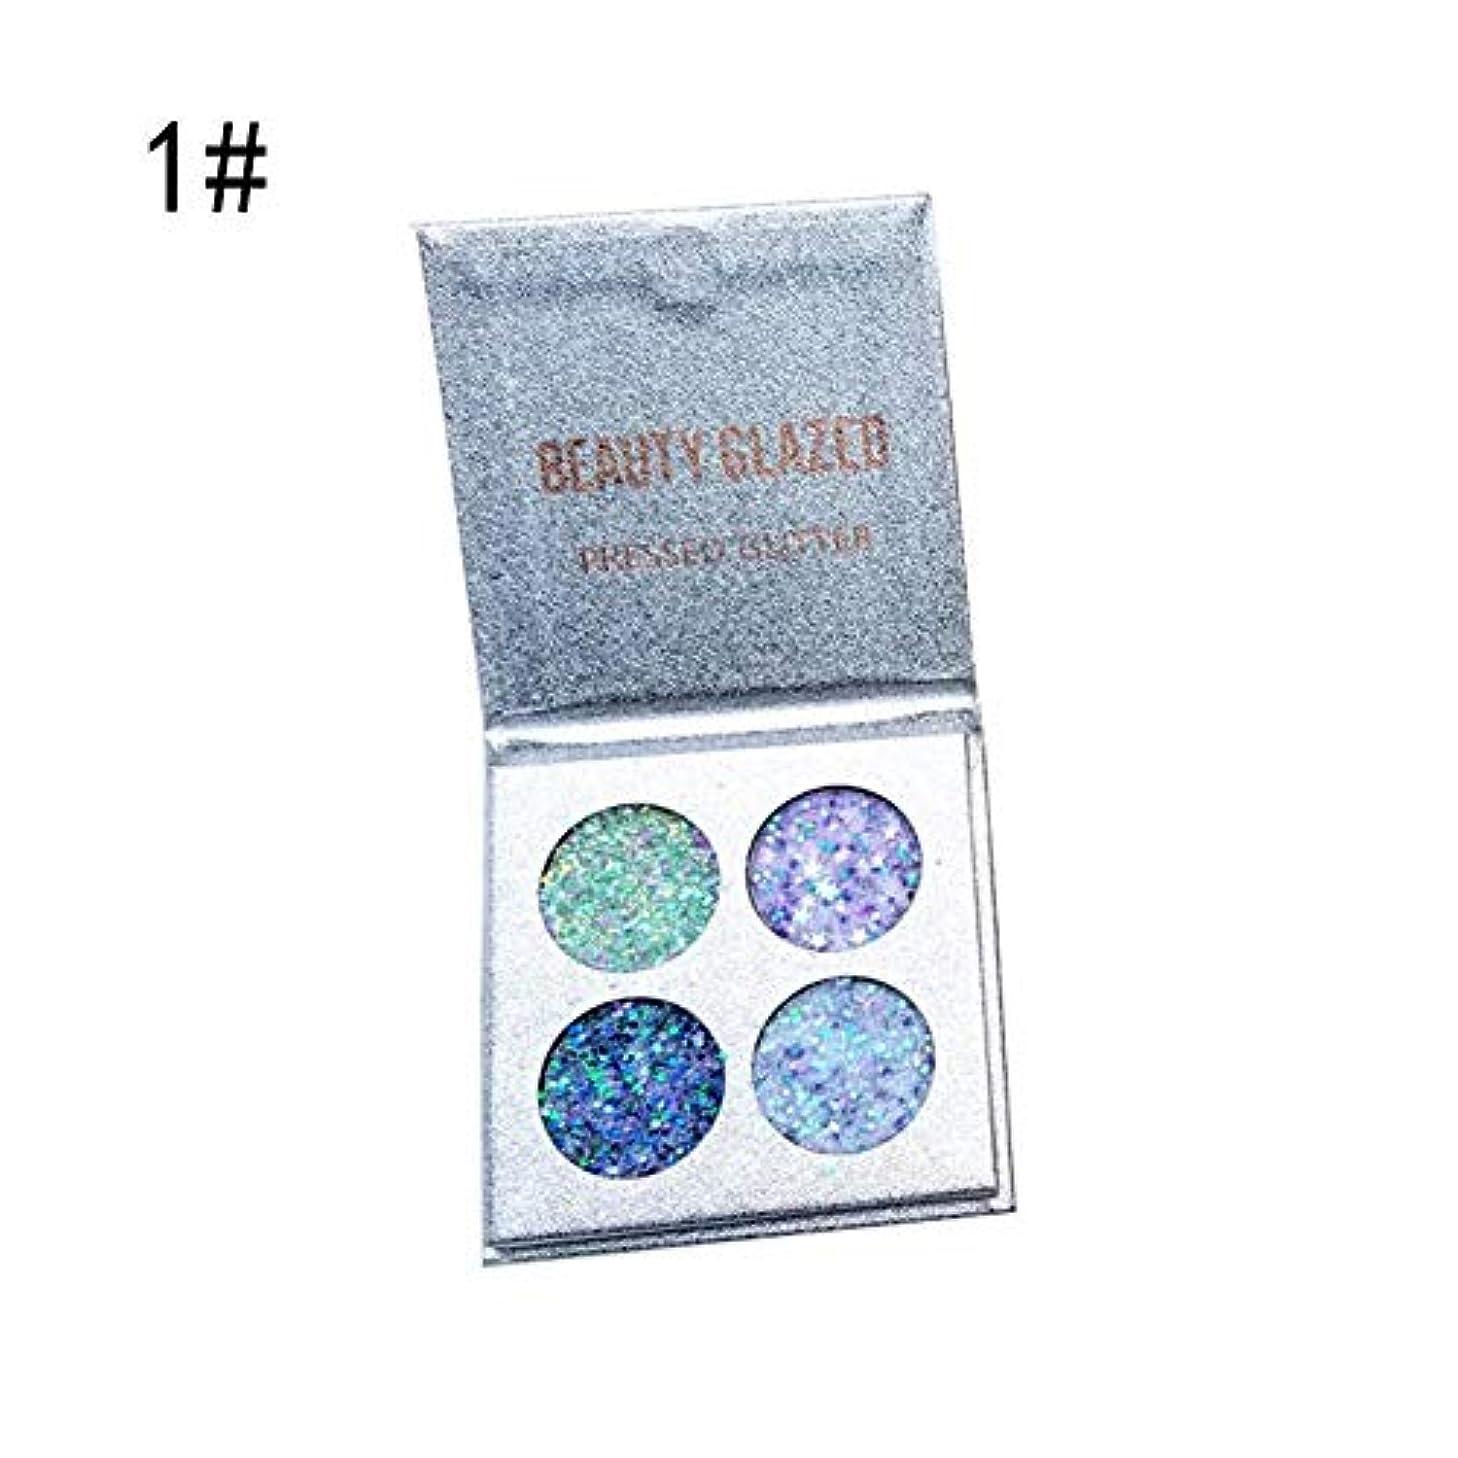 変色する急行する裏切り者BETTER YOU (ベター ュー) beauty glazed 4色スパンコールアイシャドウ、浮遊粉なし、しみ込みやすく、防水、防汗性、持続性、天然 (A 1#)